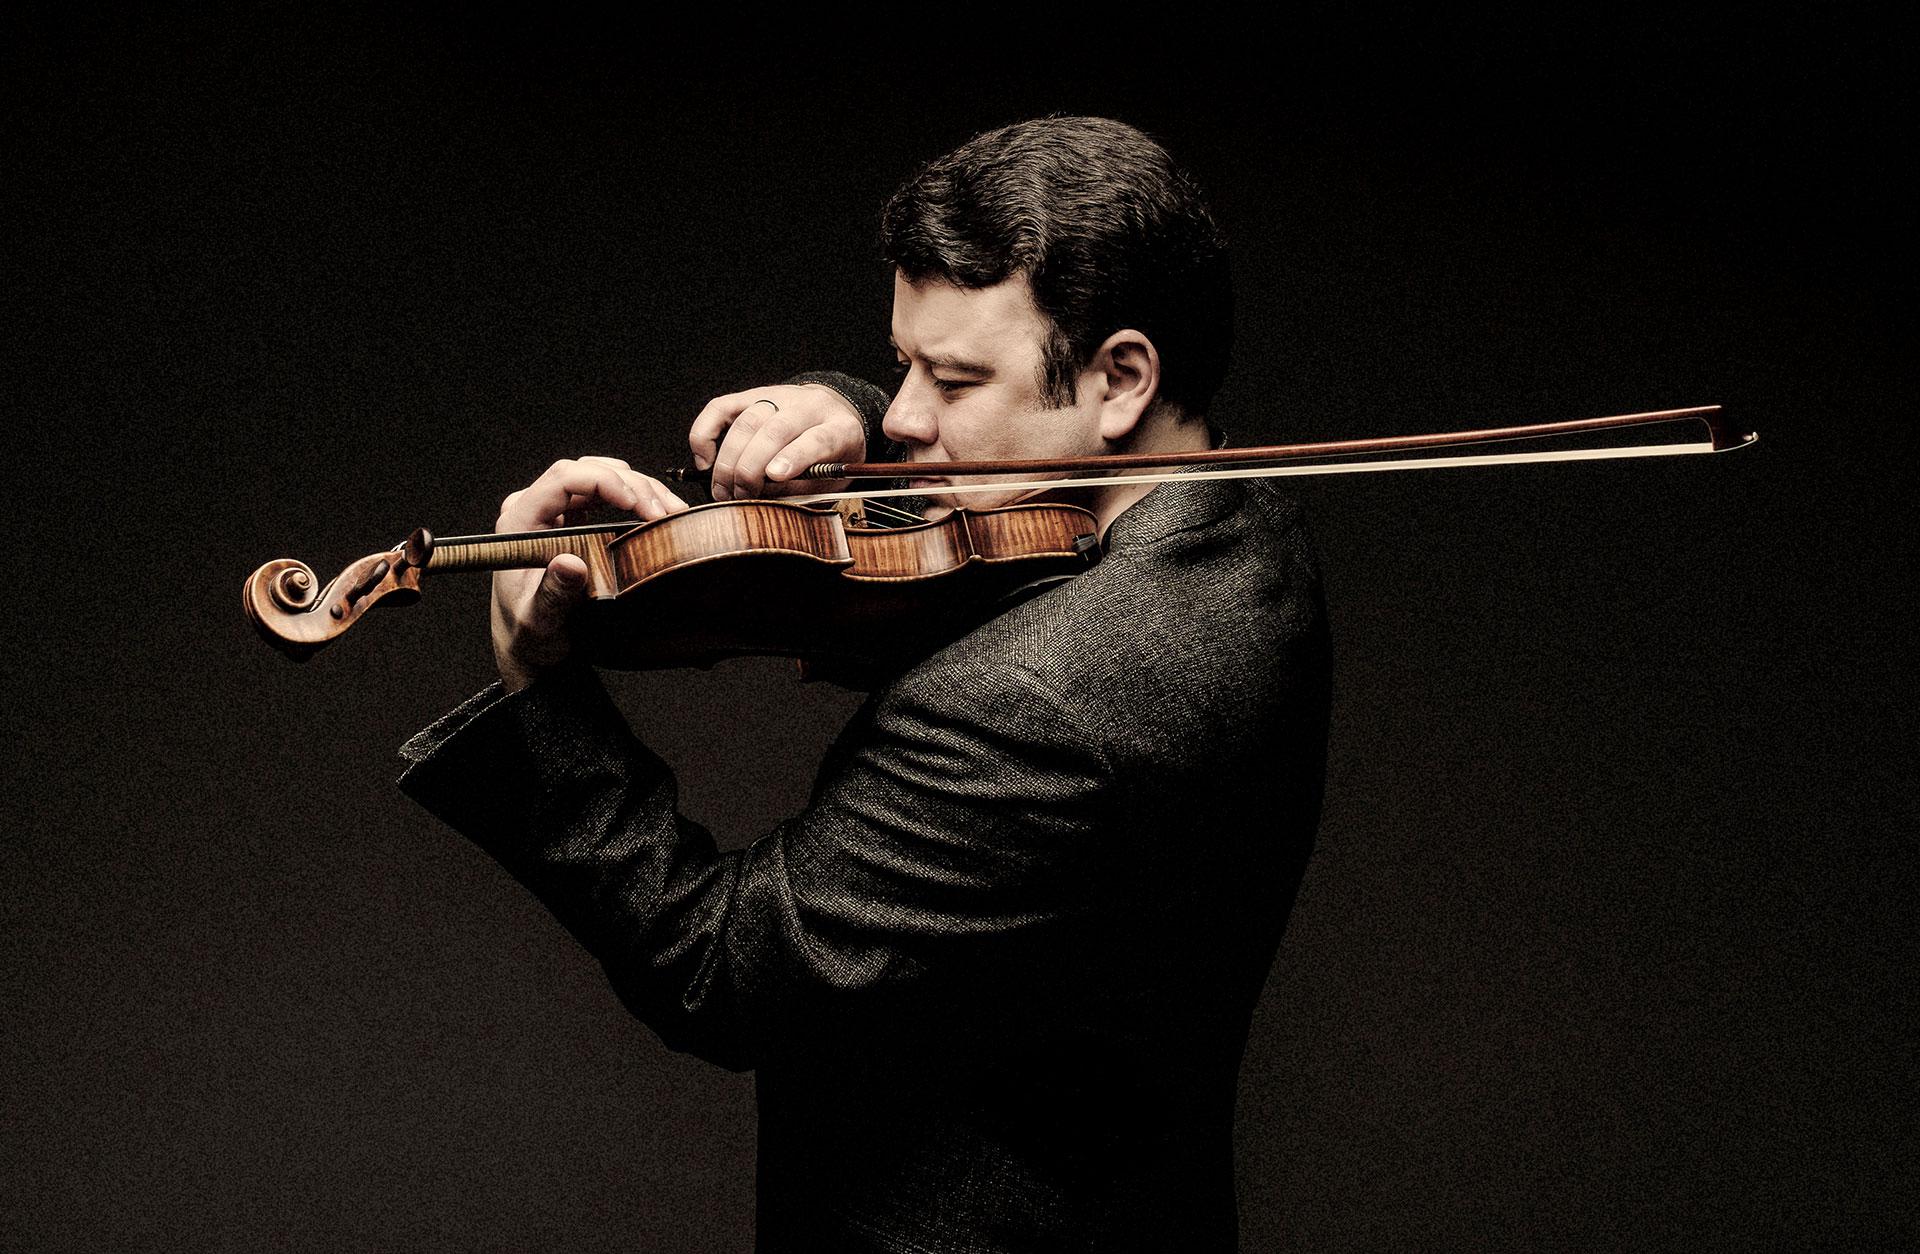 Violinisten Vadim Gluzman spelar passionerat på sitt instrument.